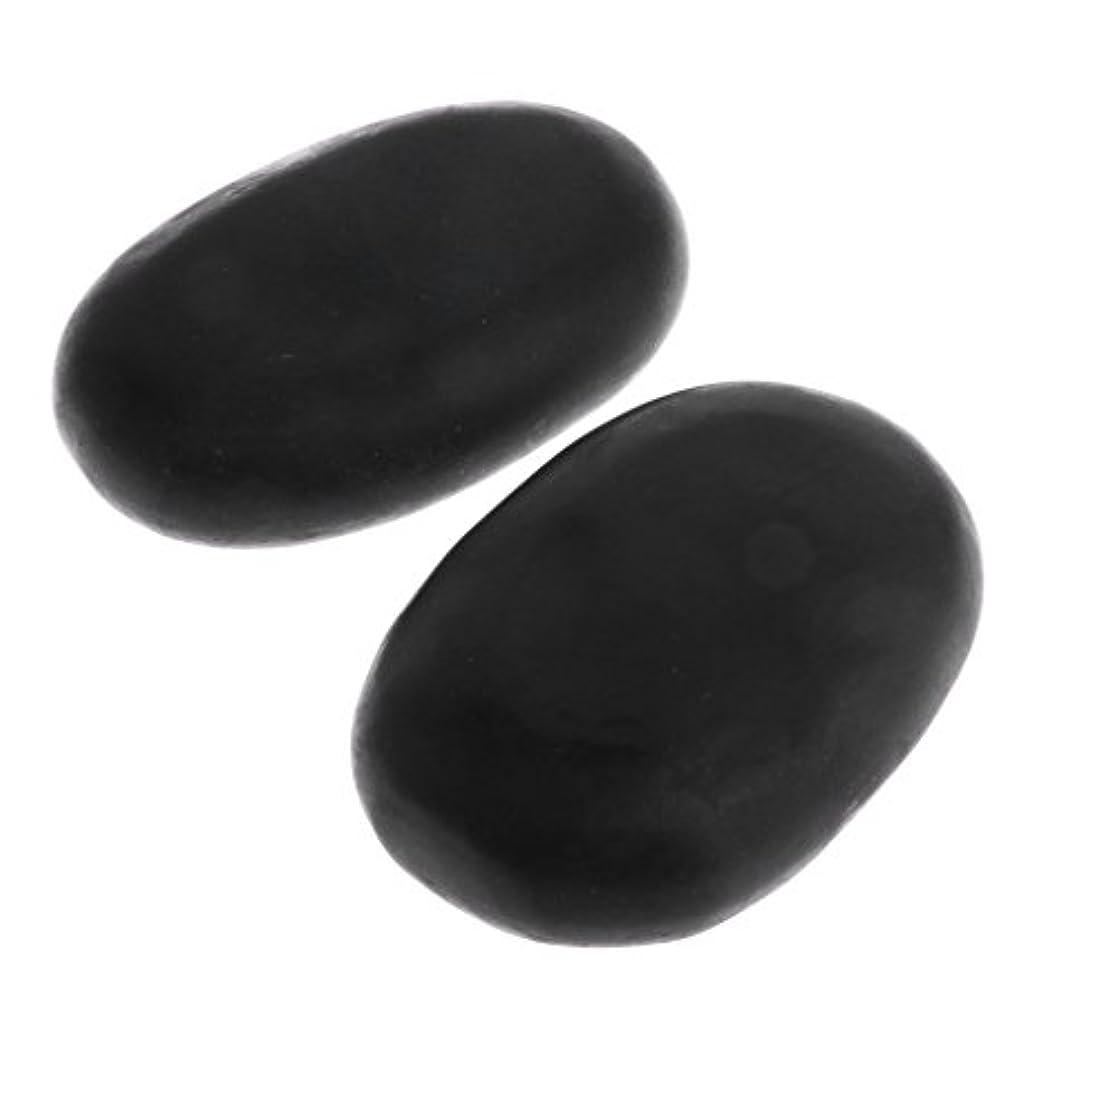 雑品解放する抵抗SONONIA マッサージ石 2個 ストーン 玄武岩 火山石 マッサージ 溶岩 エステ SPA リラックス 効果的